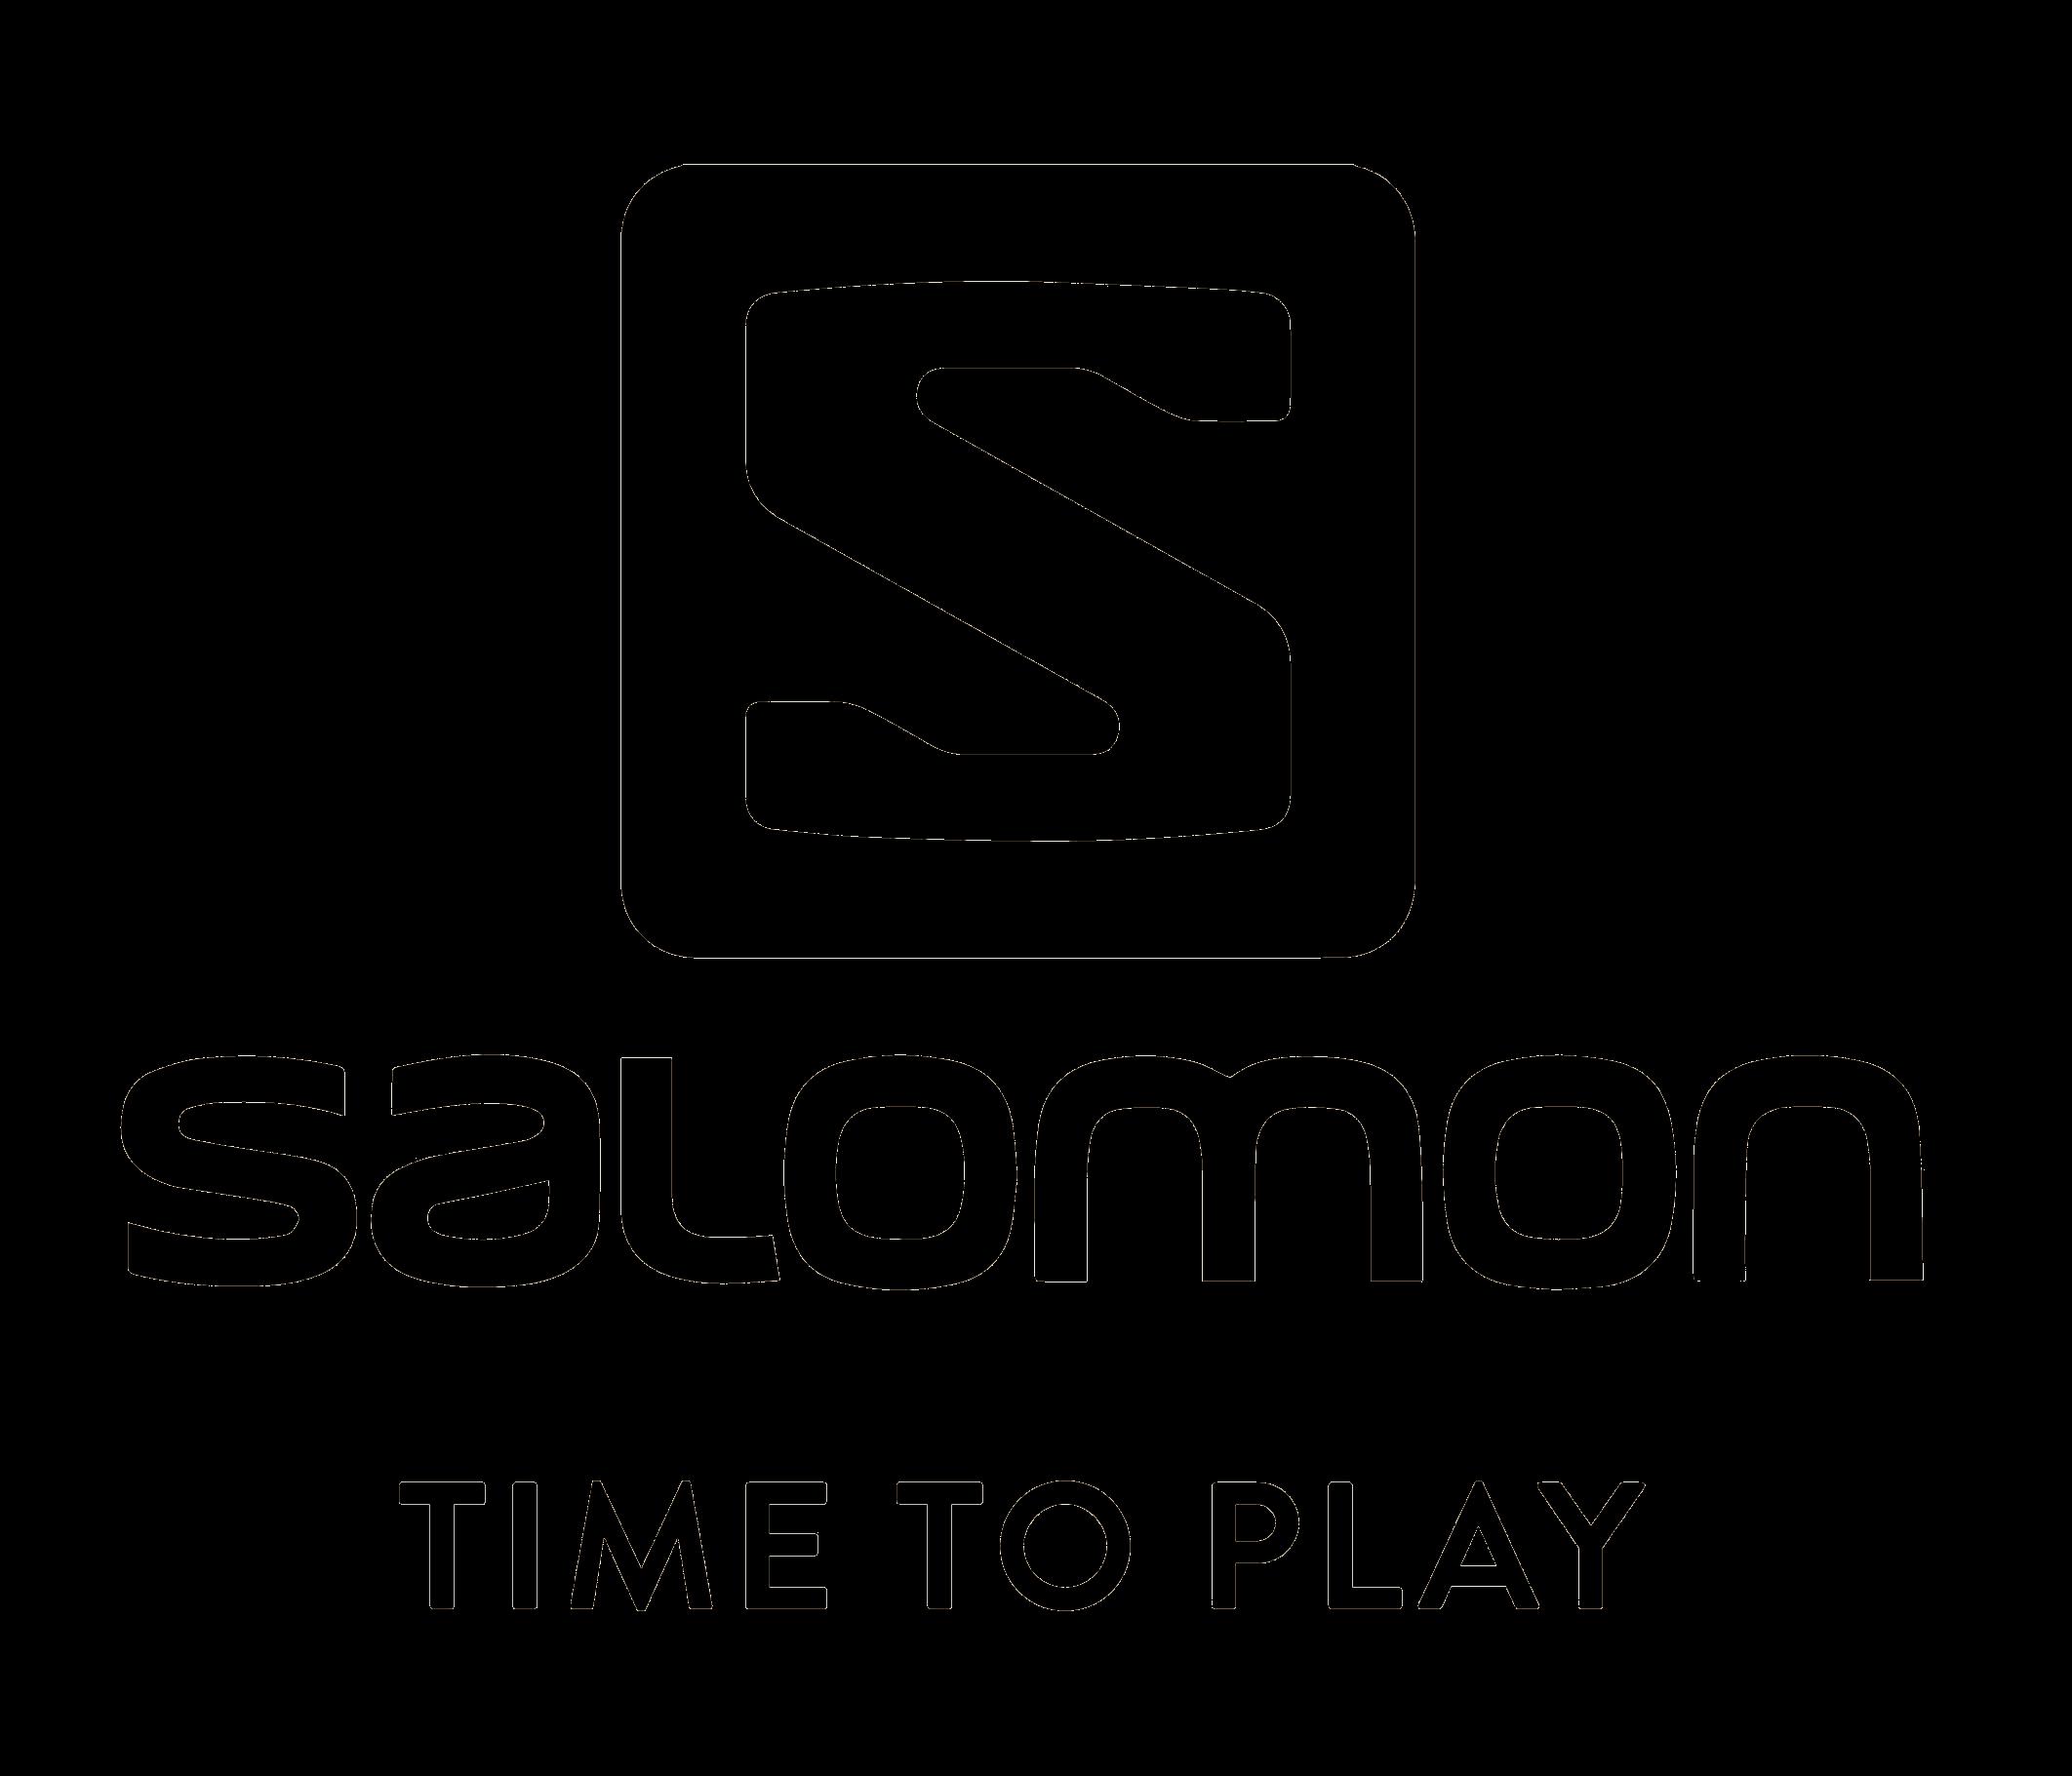 logo-Salomon-schwarz